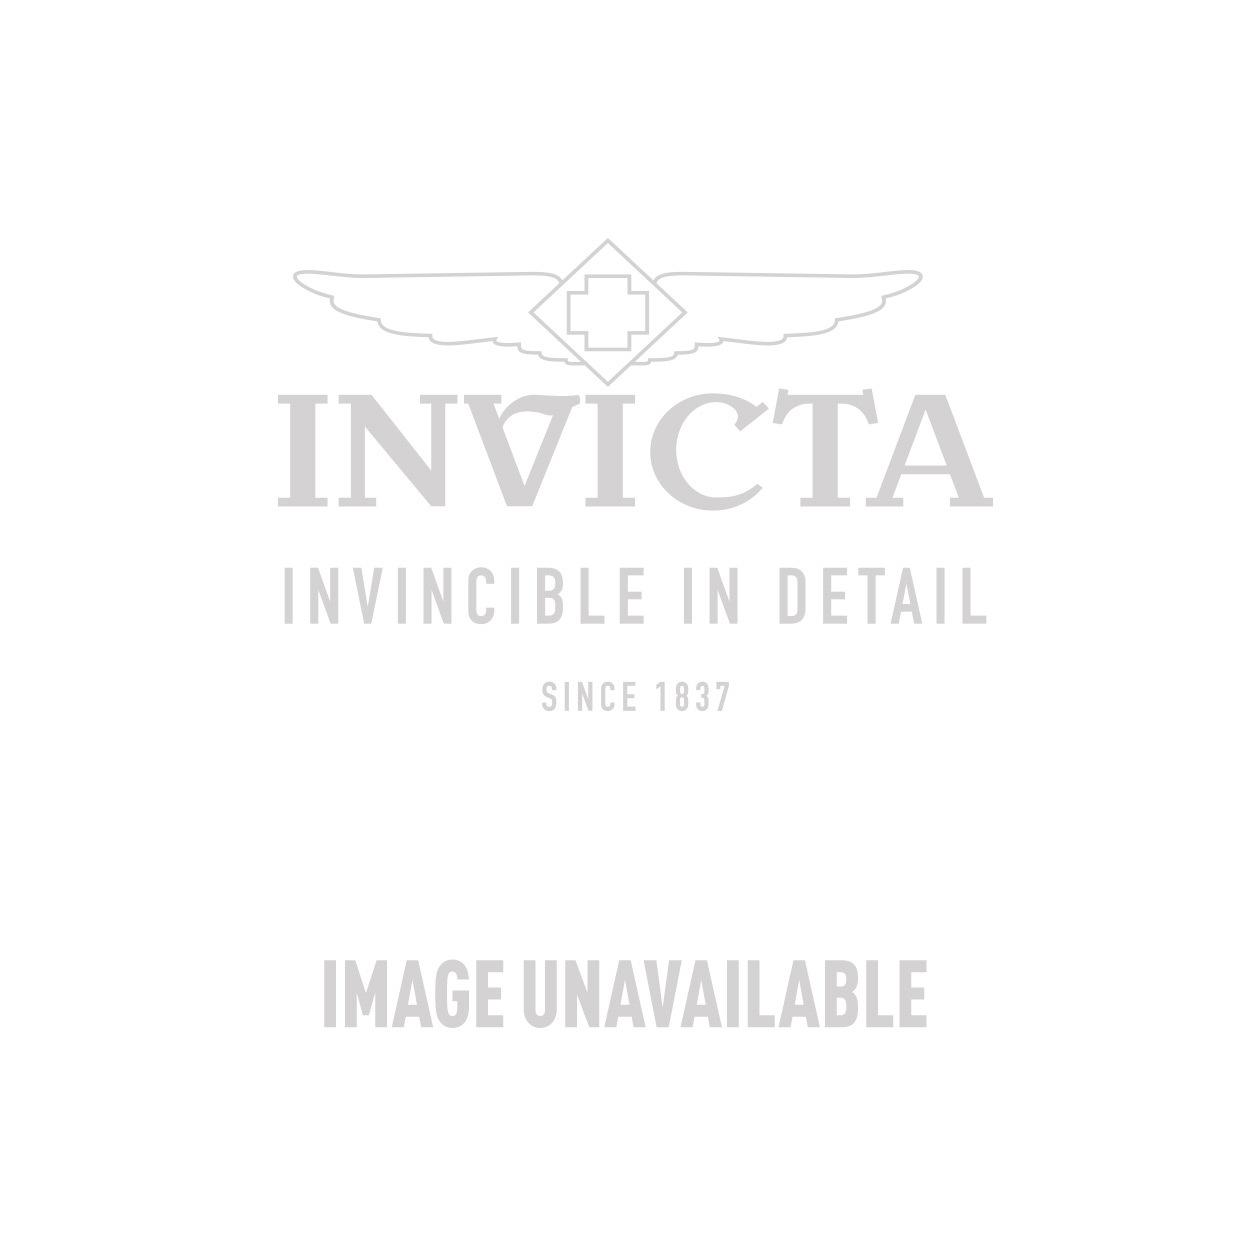 Invicta Model  22749